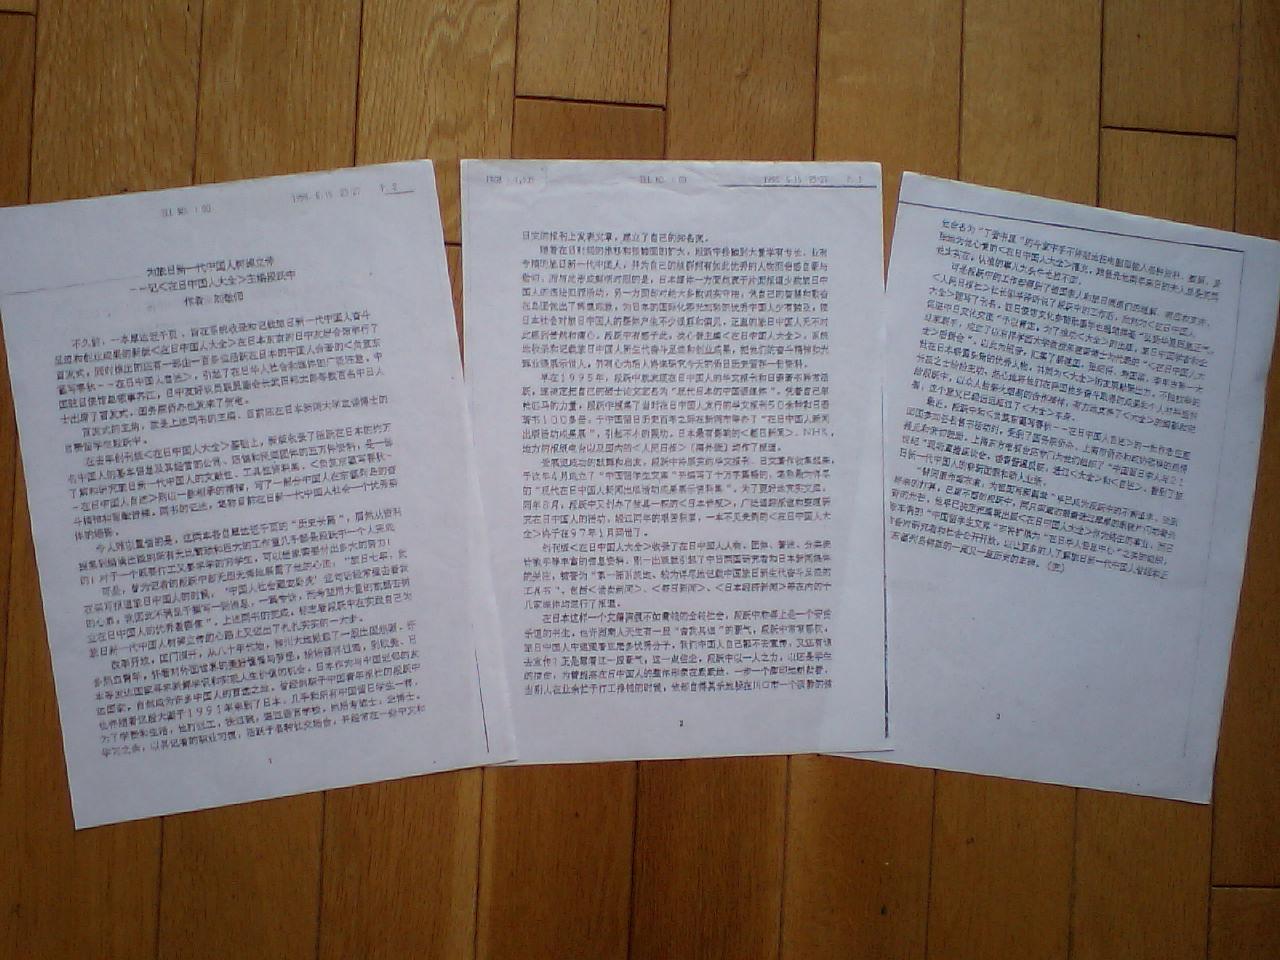 旧聞新録 11年前に当時の中国新聞社東京特派員劉敬師さんが書いた記事_d0027795_1734444.jpg